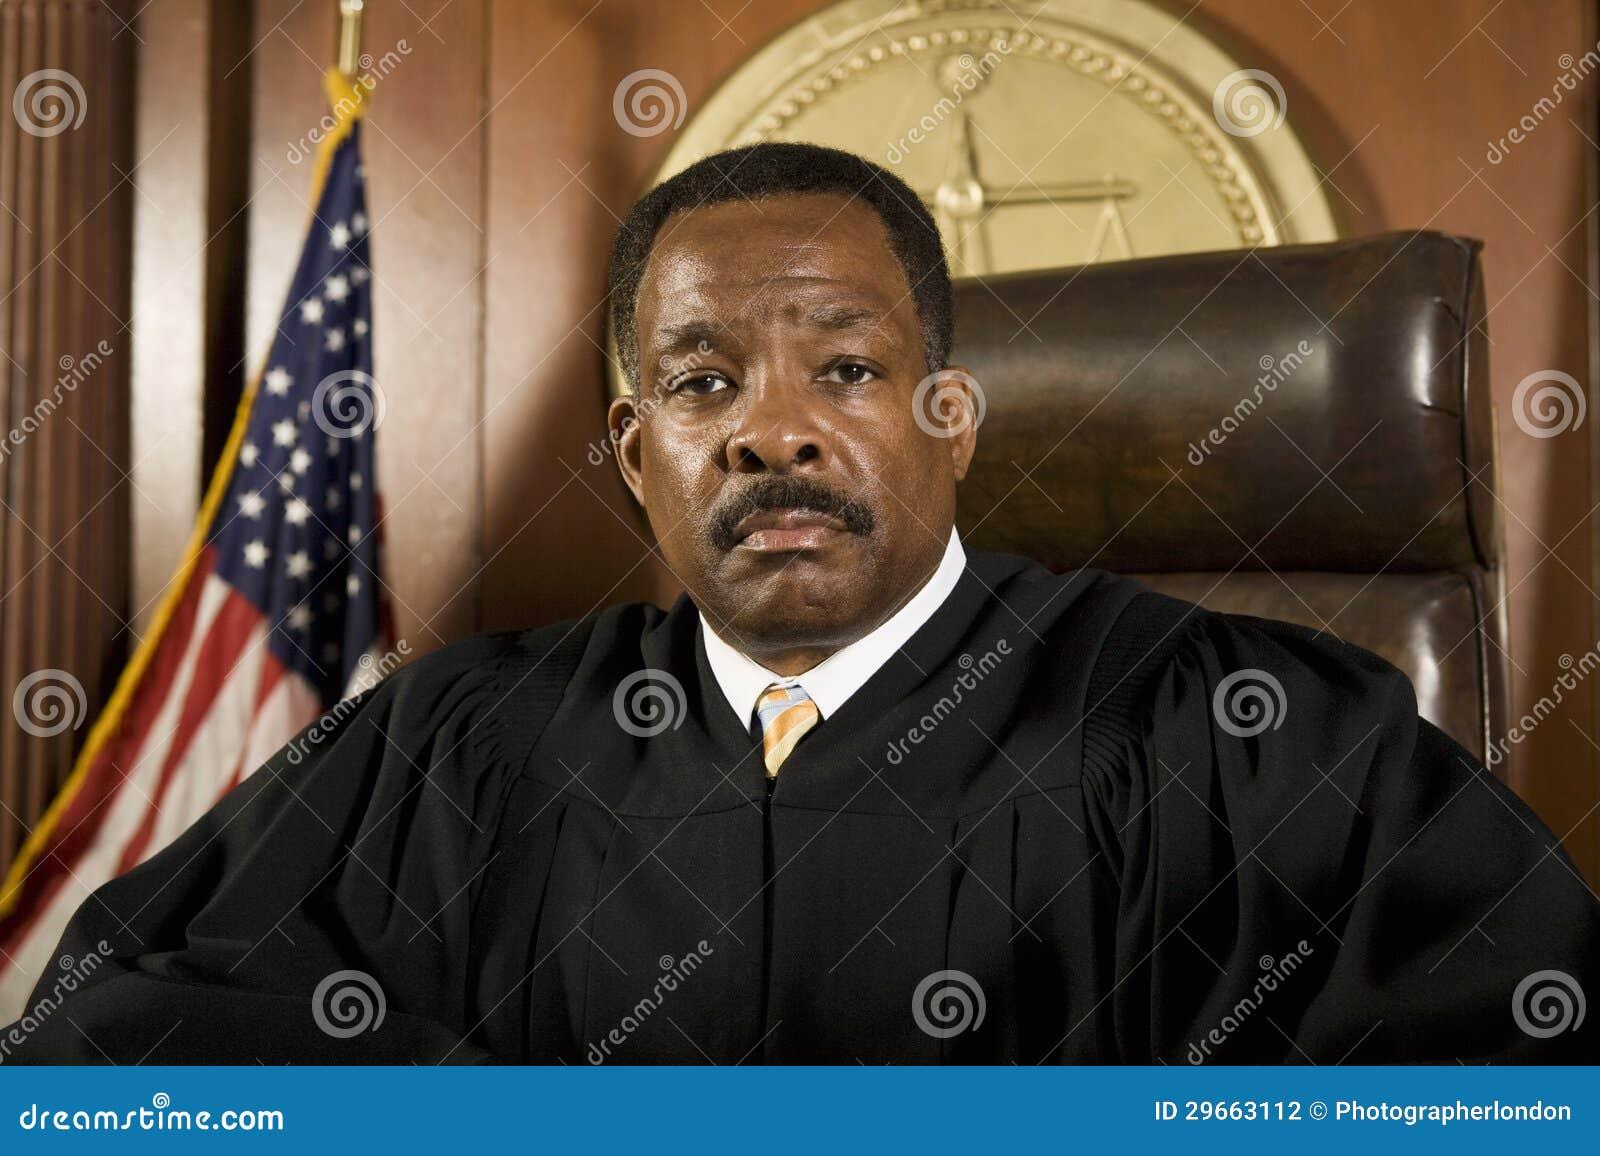 Судья. В зале судебных заседаний